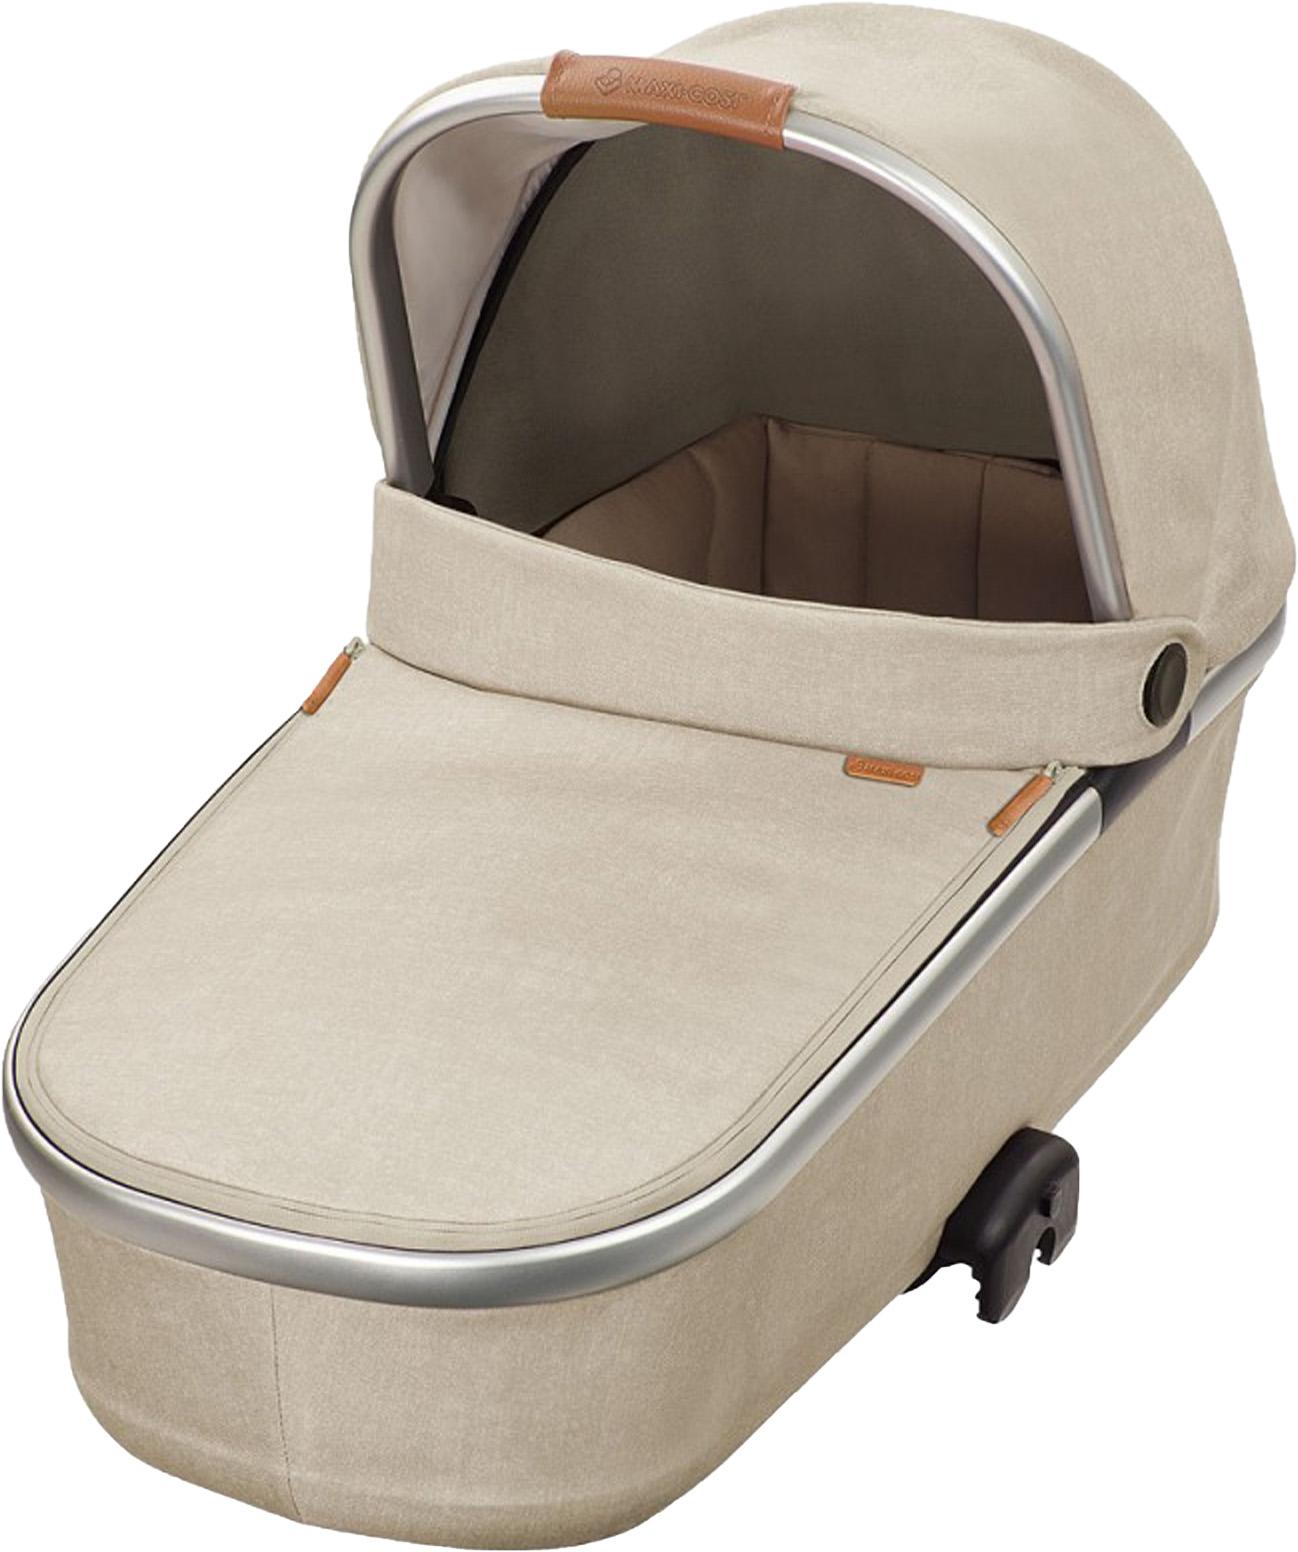 цена Люлька для коляски Bebe Confort Oria бежевый в интернет-магазинах